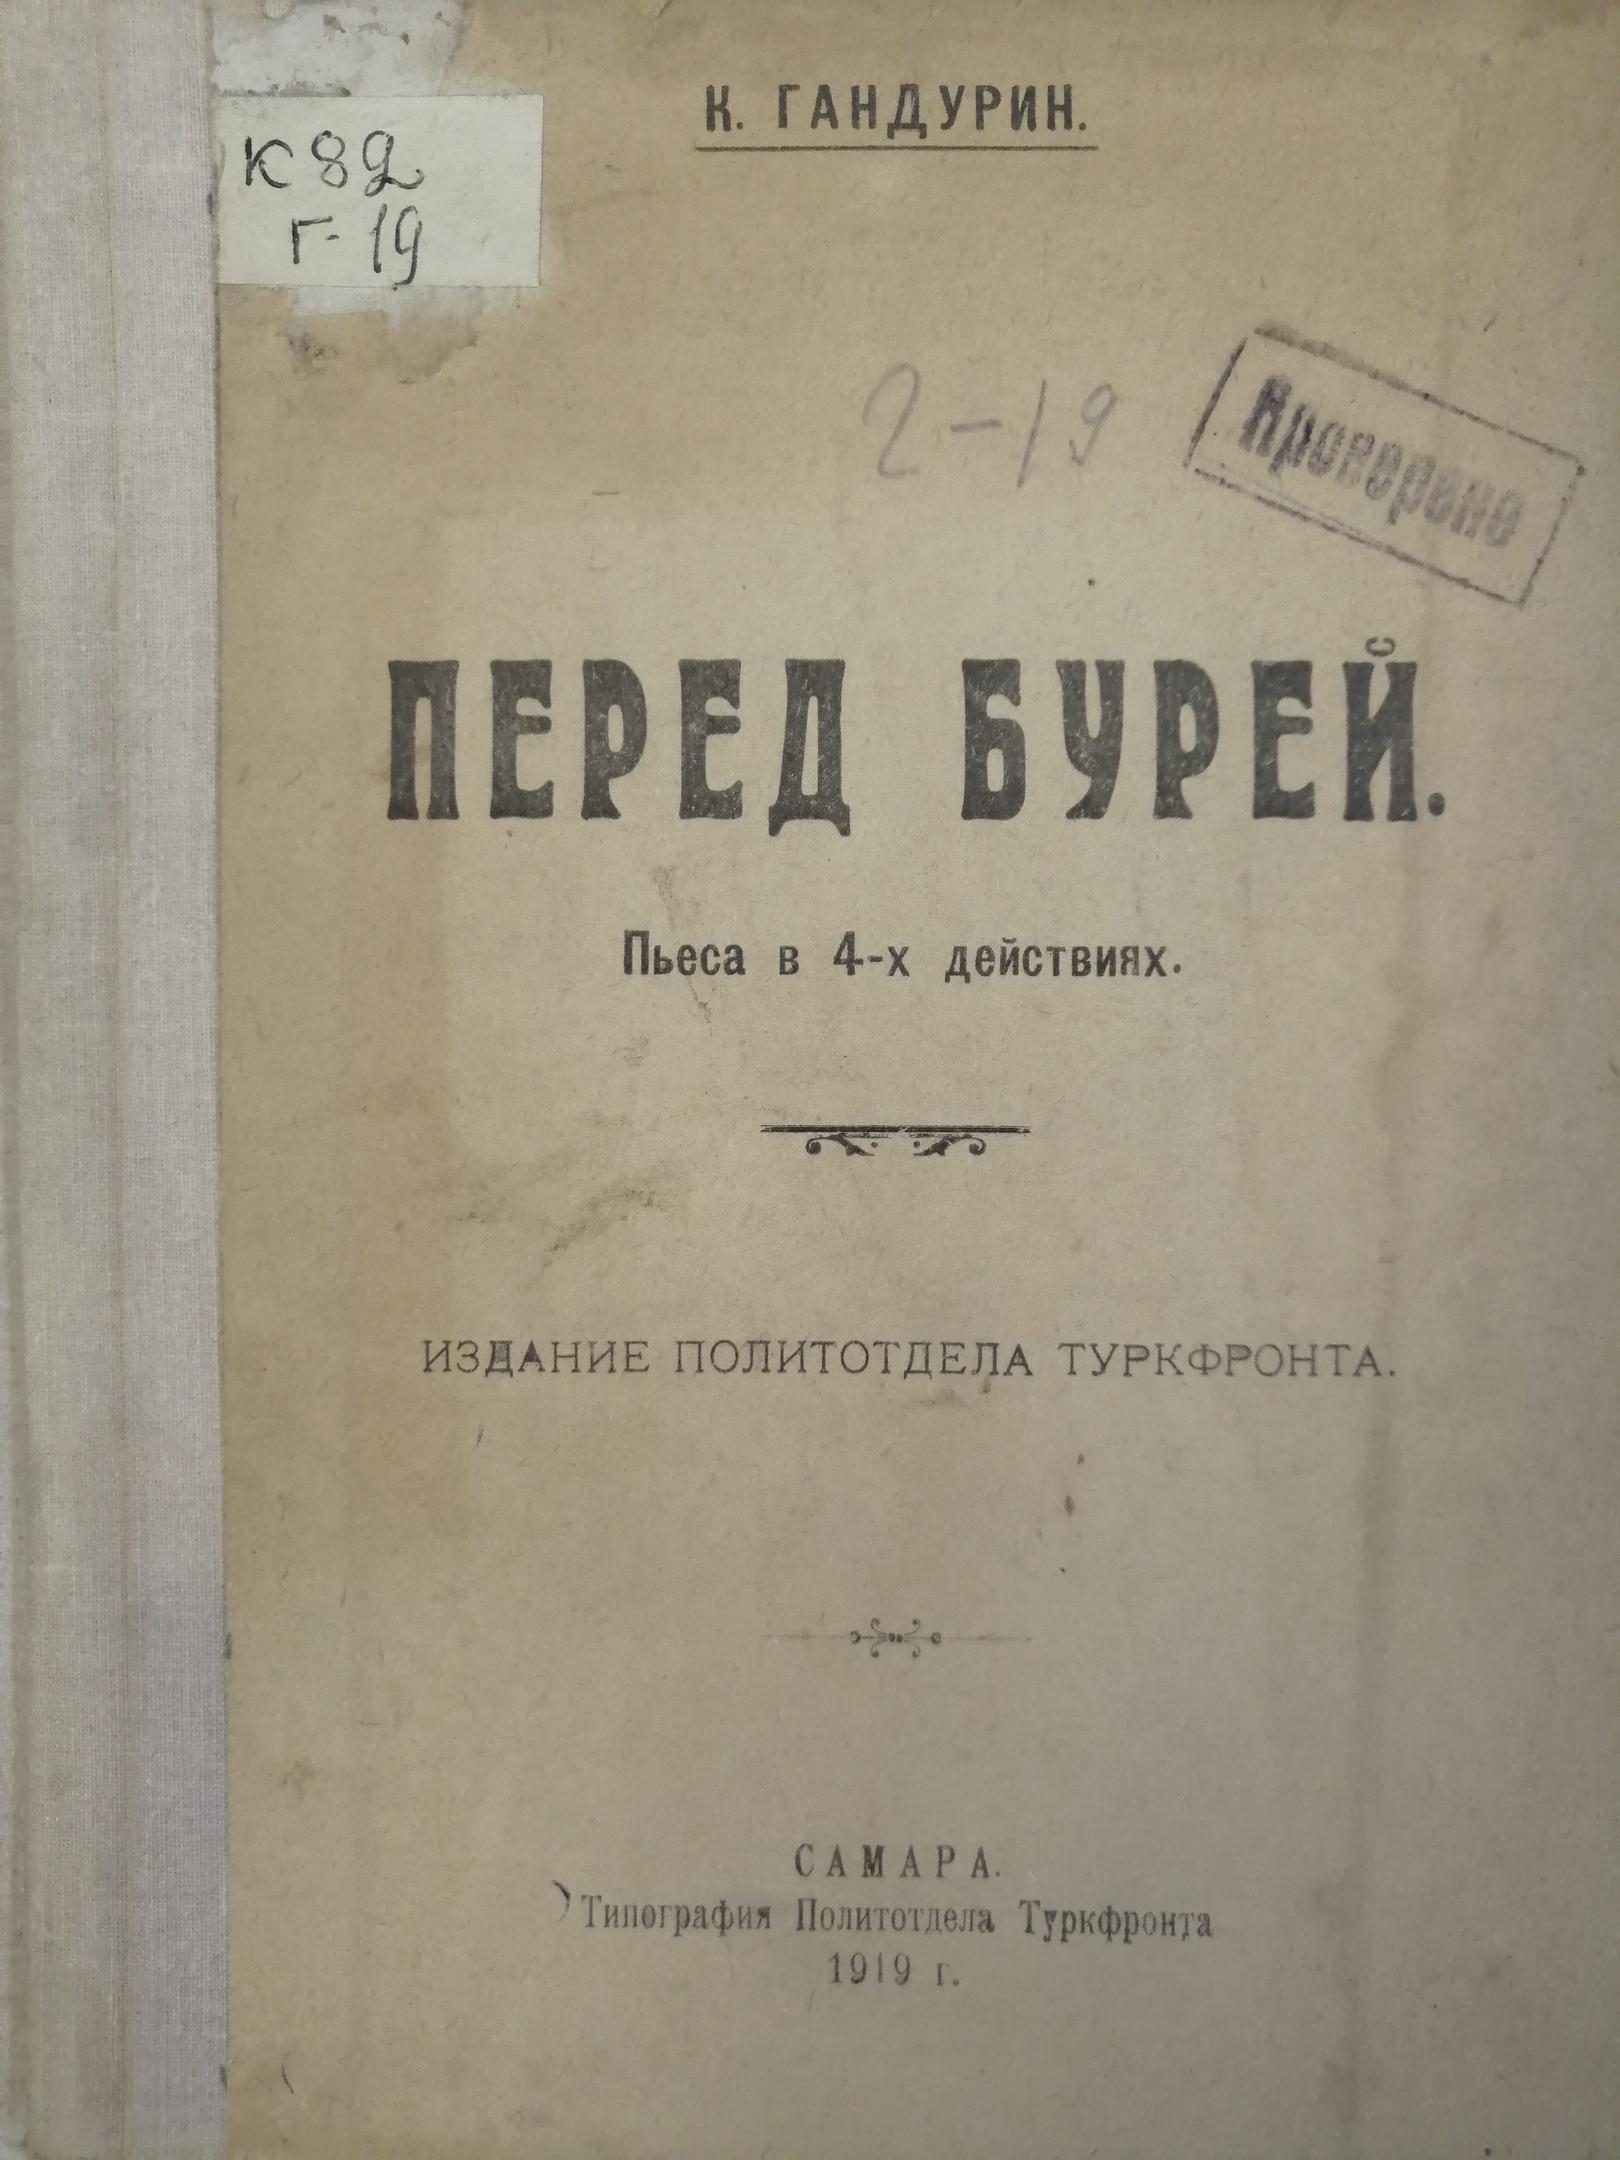 09_Konstantin_Gandurin_Pered_burey_Samara_1919